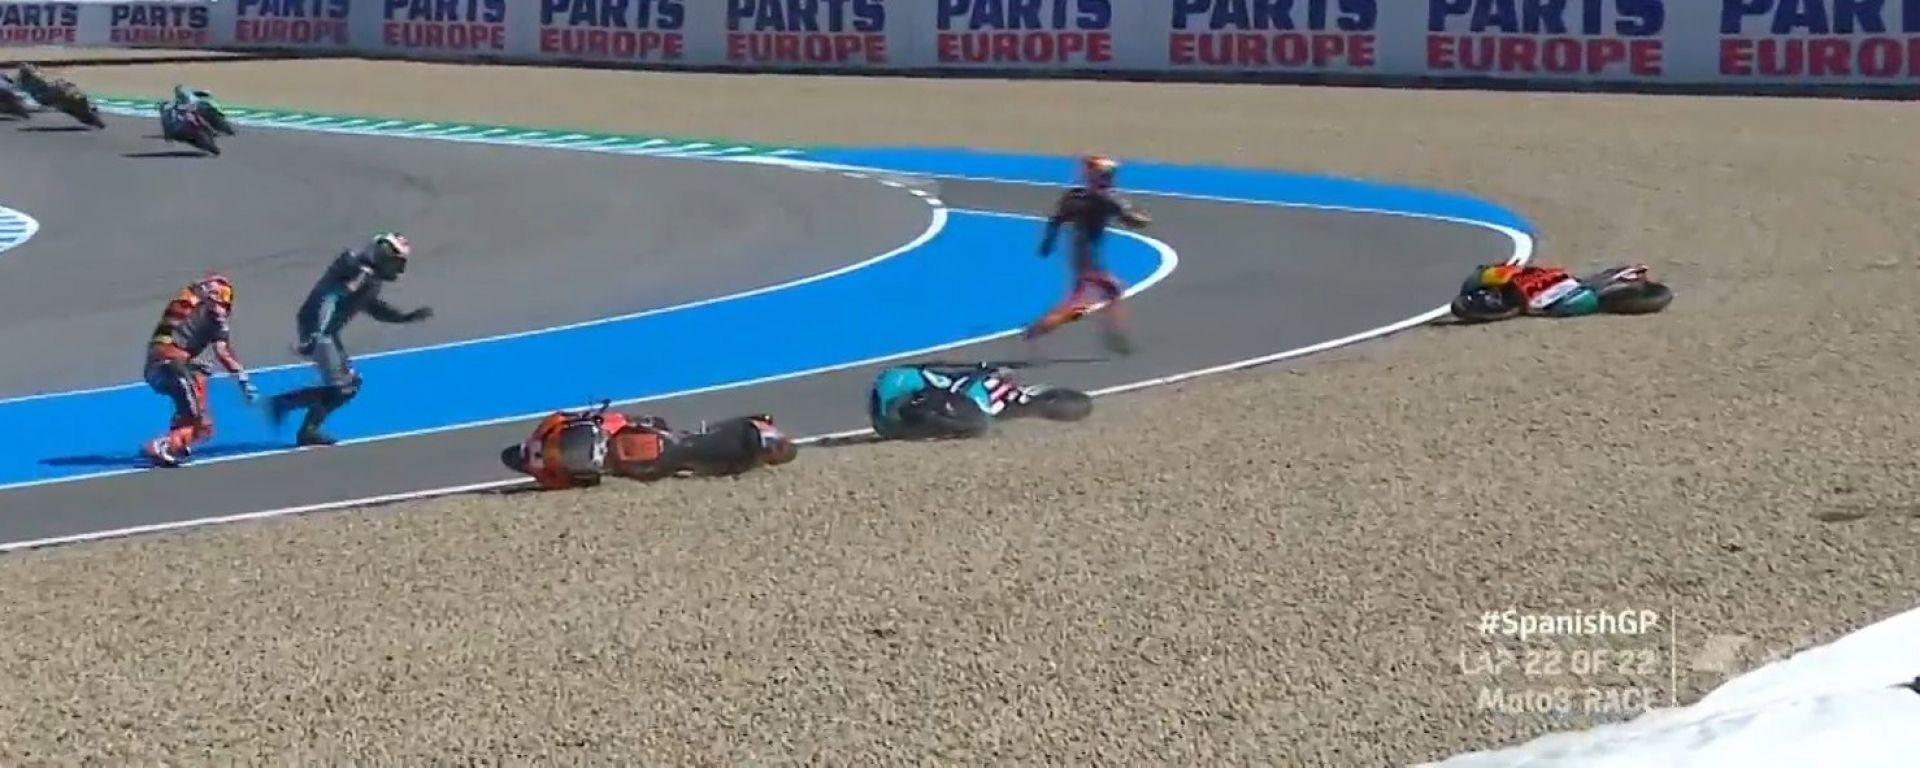 Moto3 Spagna 2021, Jerez: l'incidente tra Oncu, Masià e Binder all'ultimo giro del GP